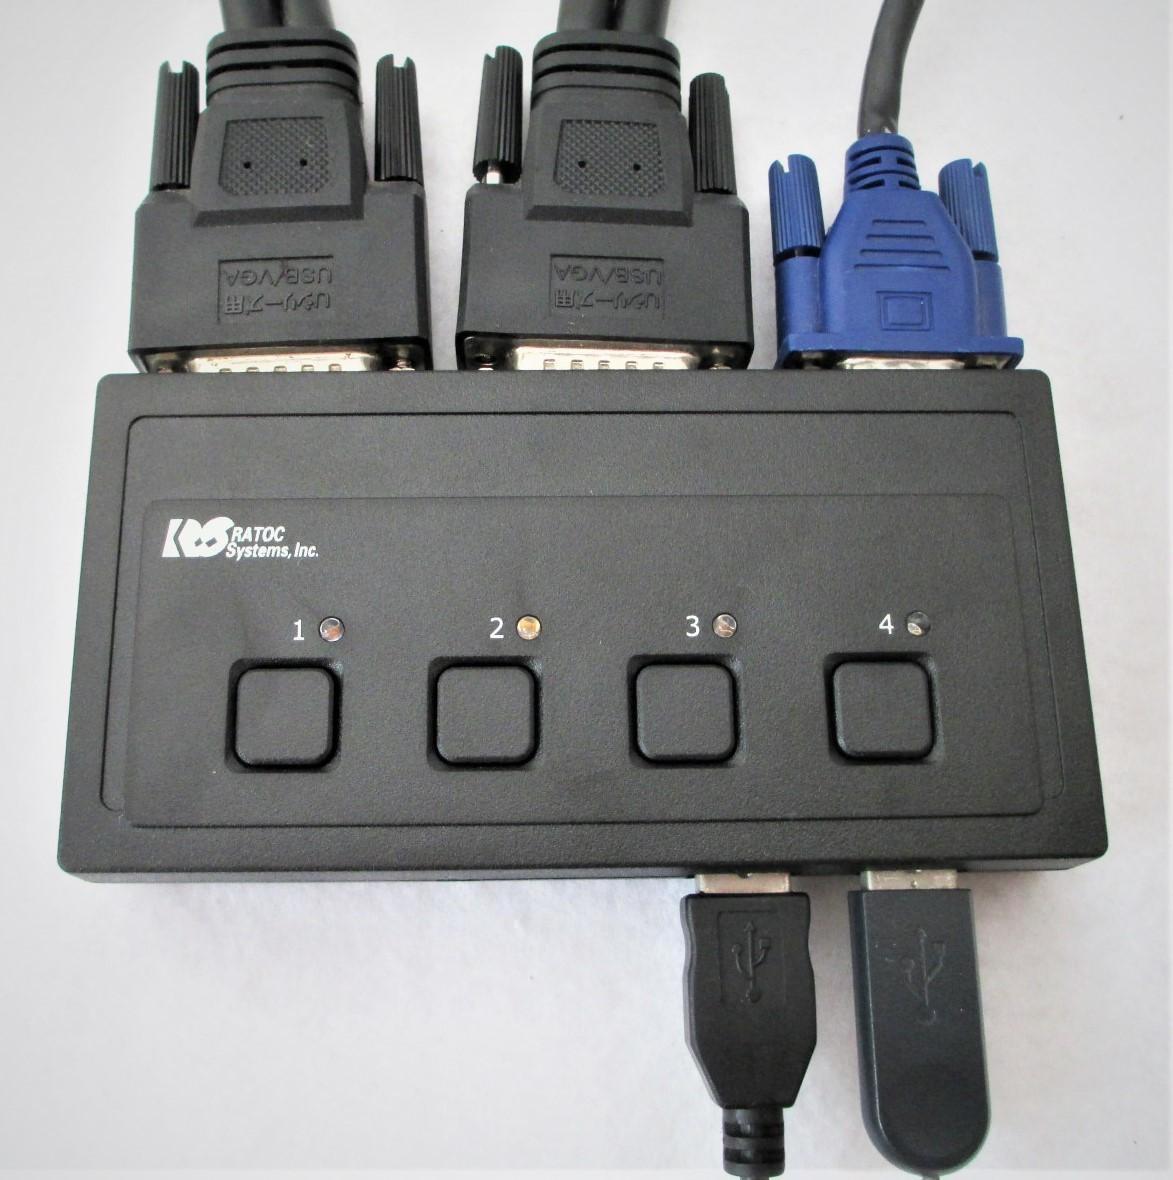 【RATOC】REX-430U 4台用パソコン自動切替器(USB接続) =元箱入り_天板と接続ケーブル